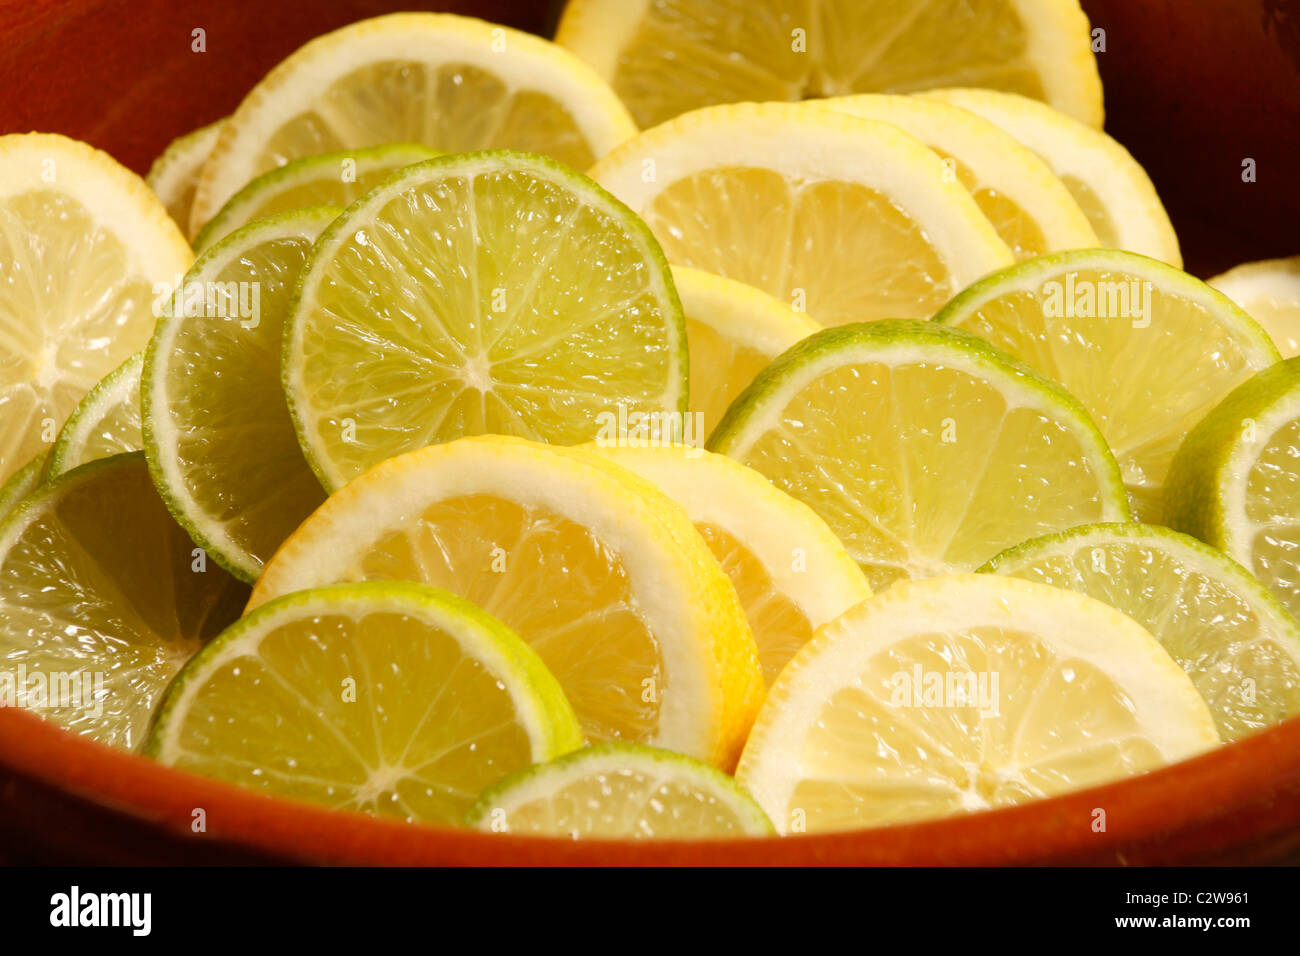 Lemons and Limes - Stock Image